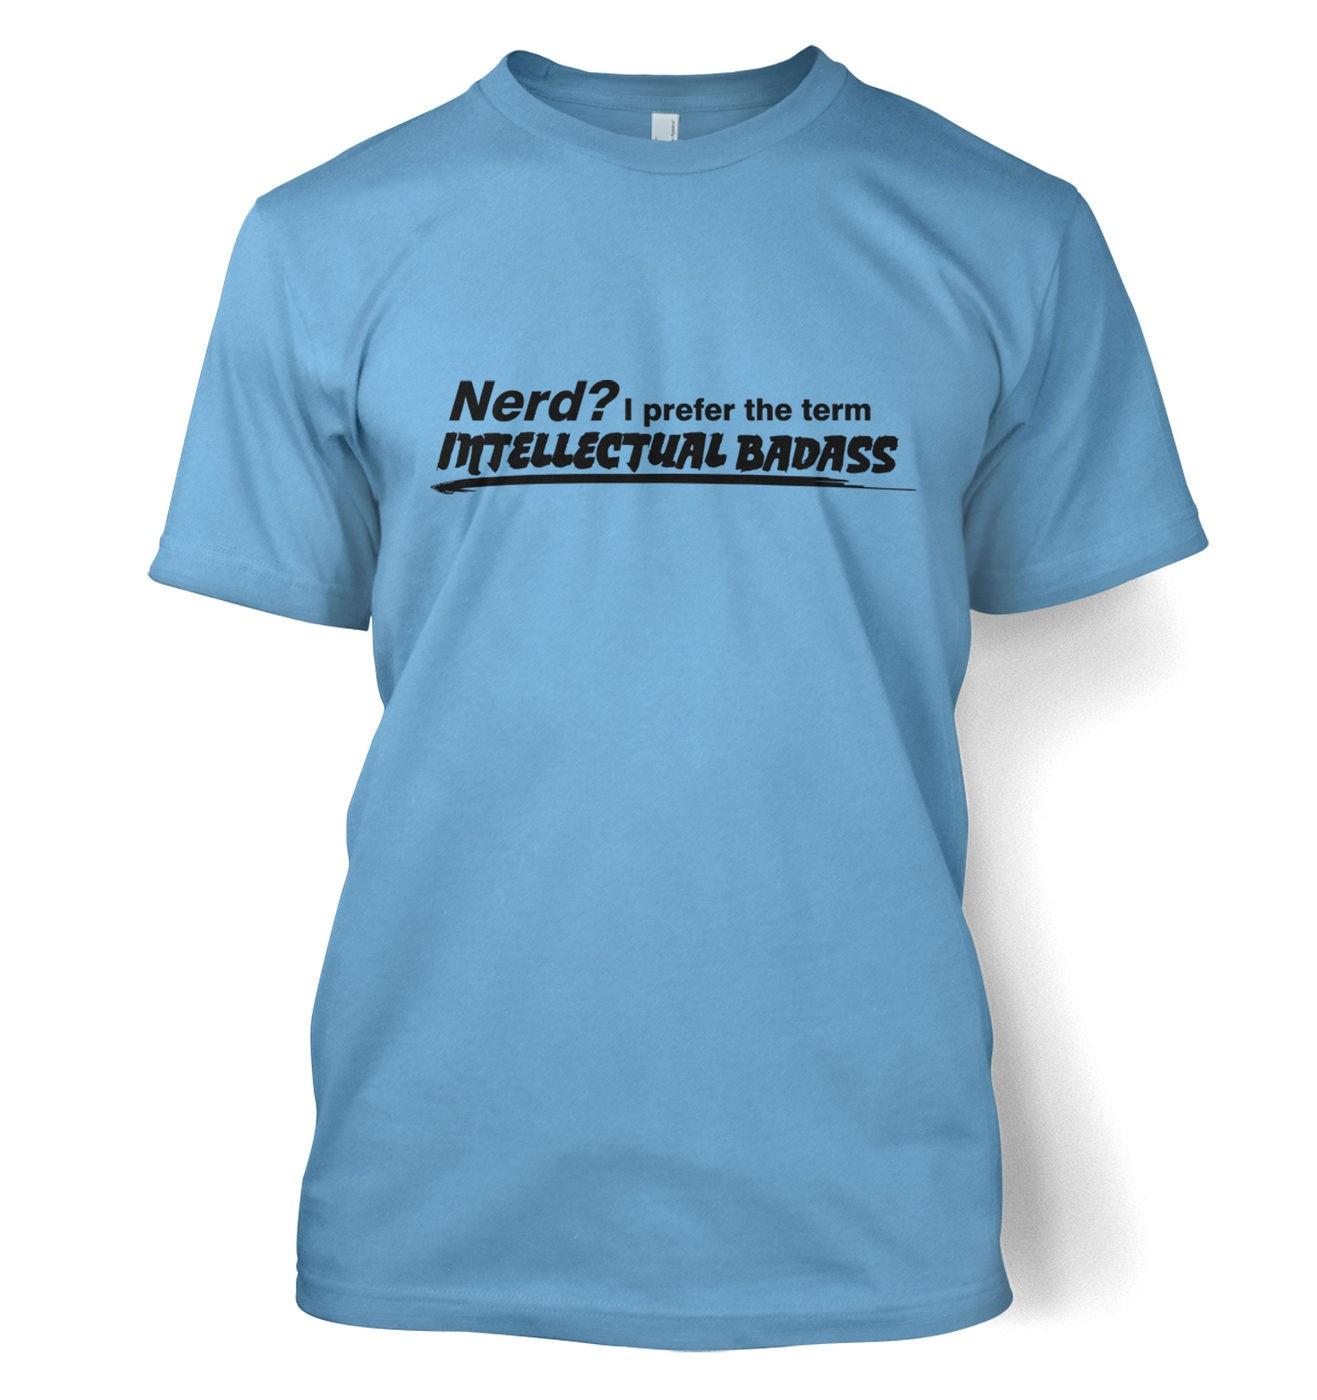 Intellectual Badass men's t-shirt